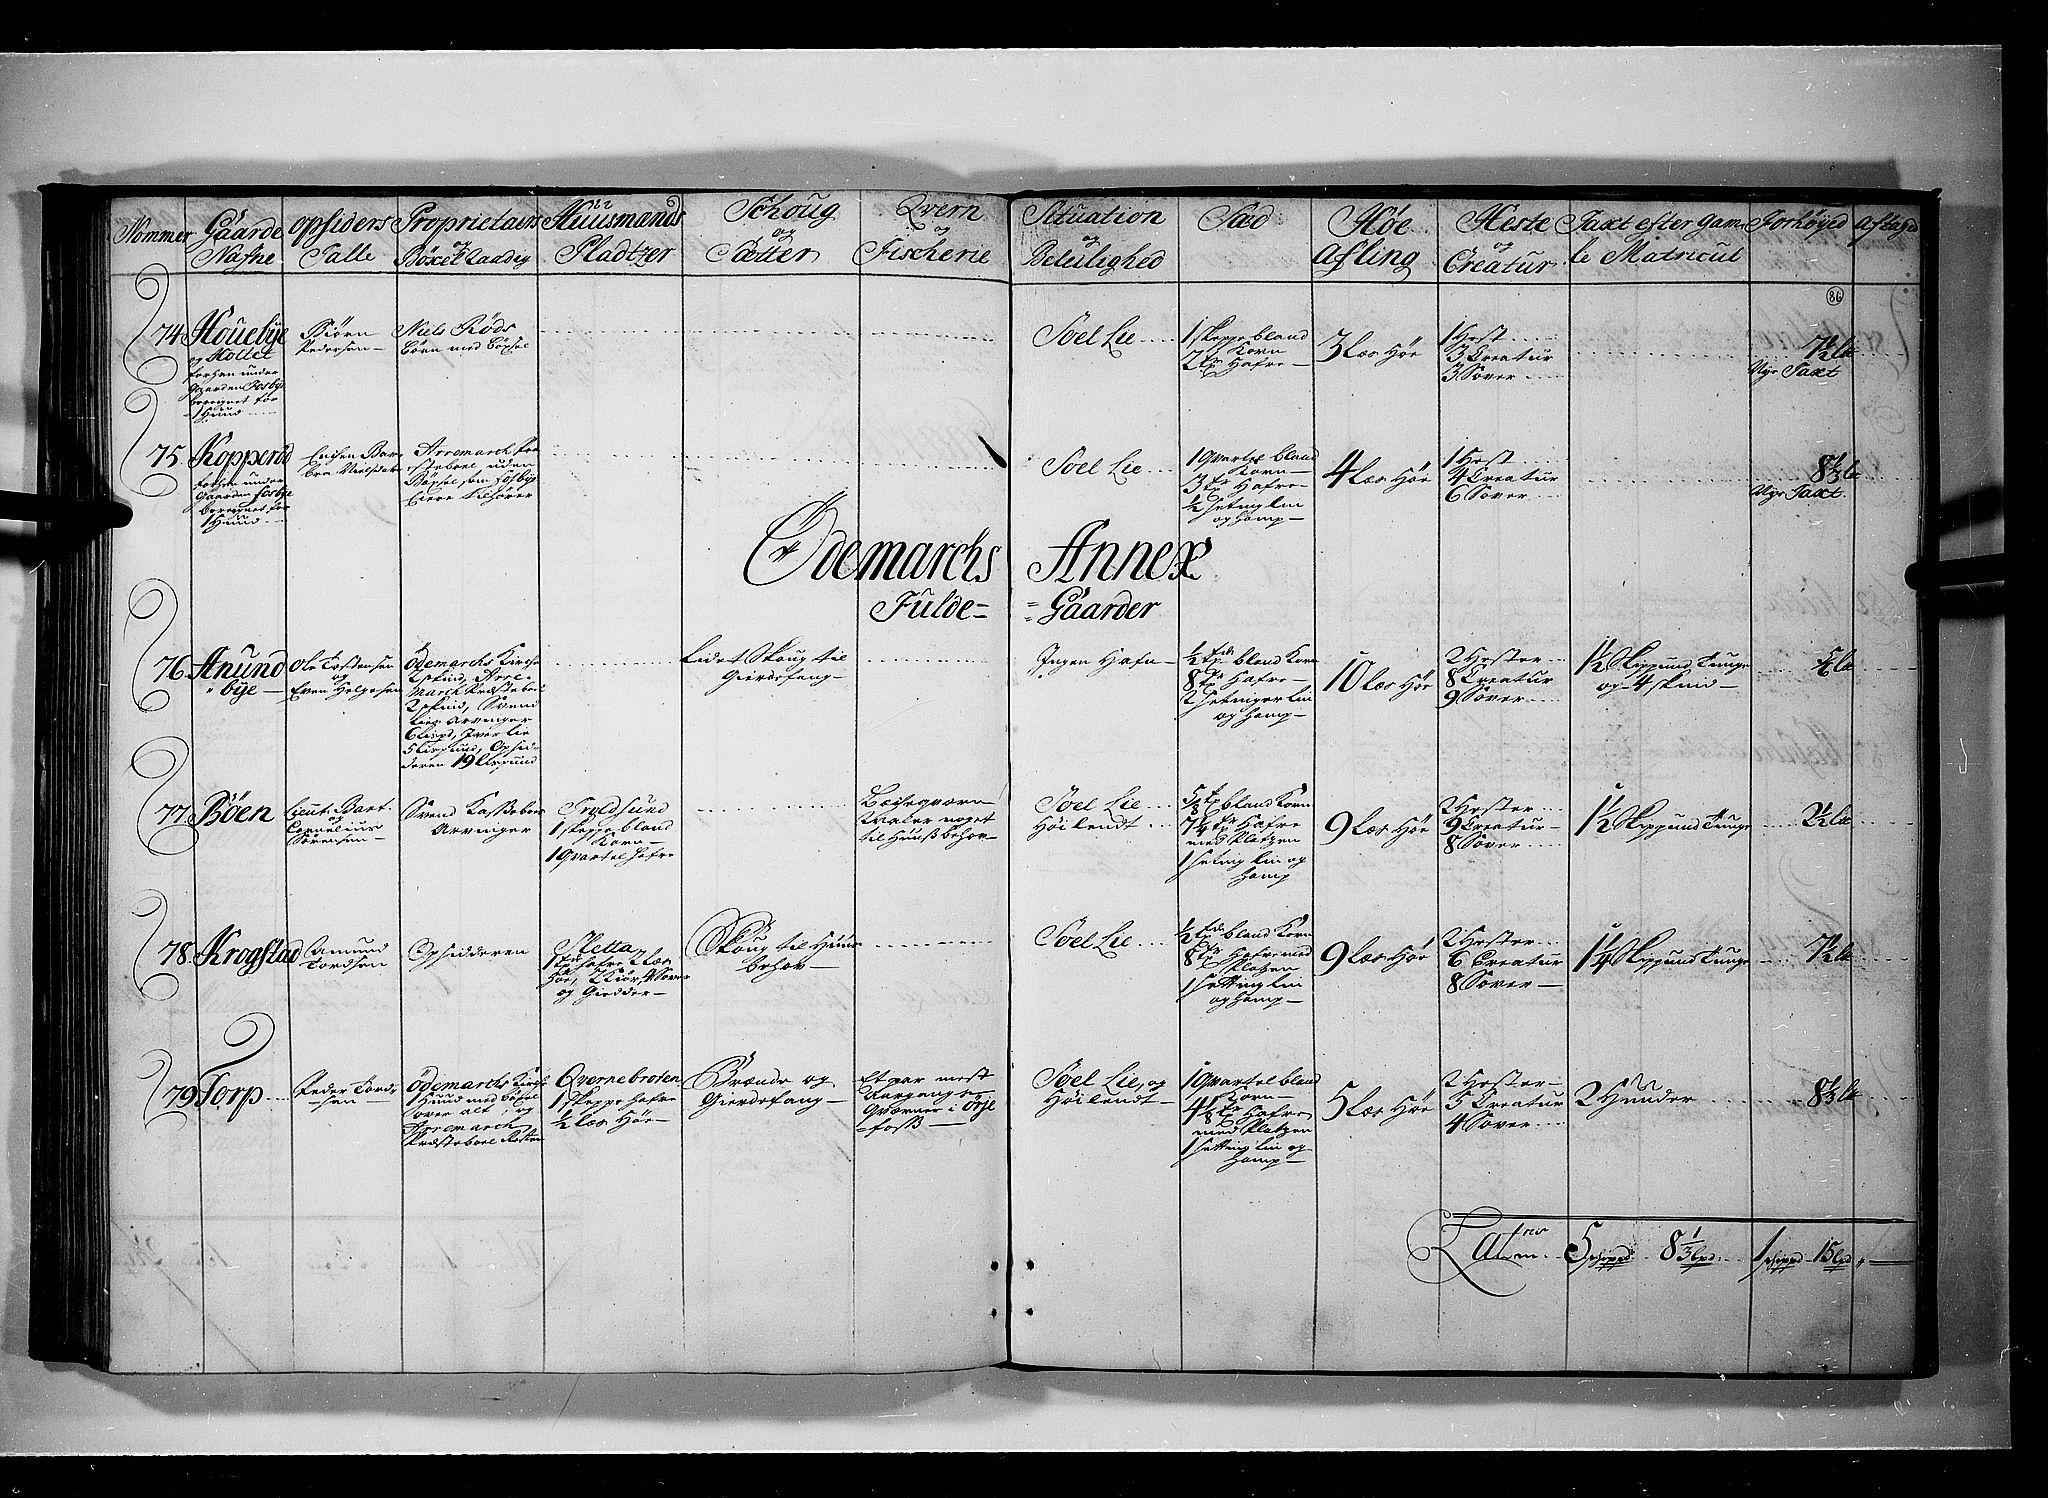 RA, Rentekammeret inntil 1814, Realistisk ordnet avdeling, N/Nb/Nbf/L0097: Idd og Marker eksaminasjonsprotokoll, 1723, s. 85b-86a